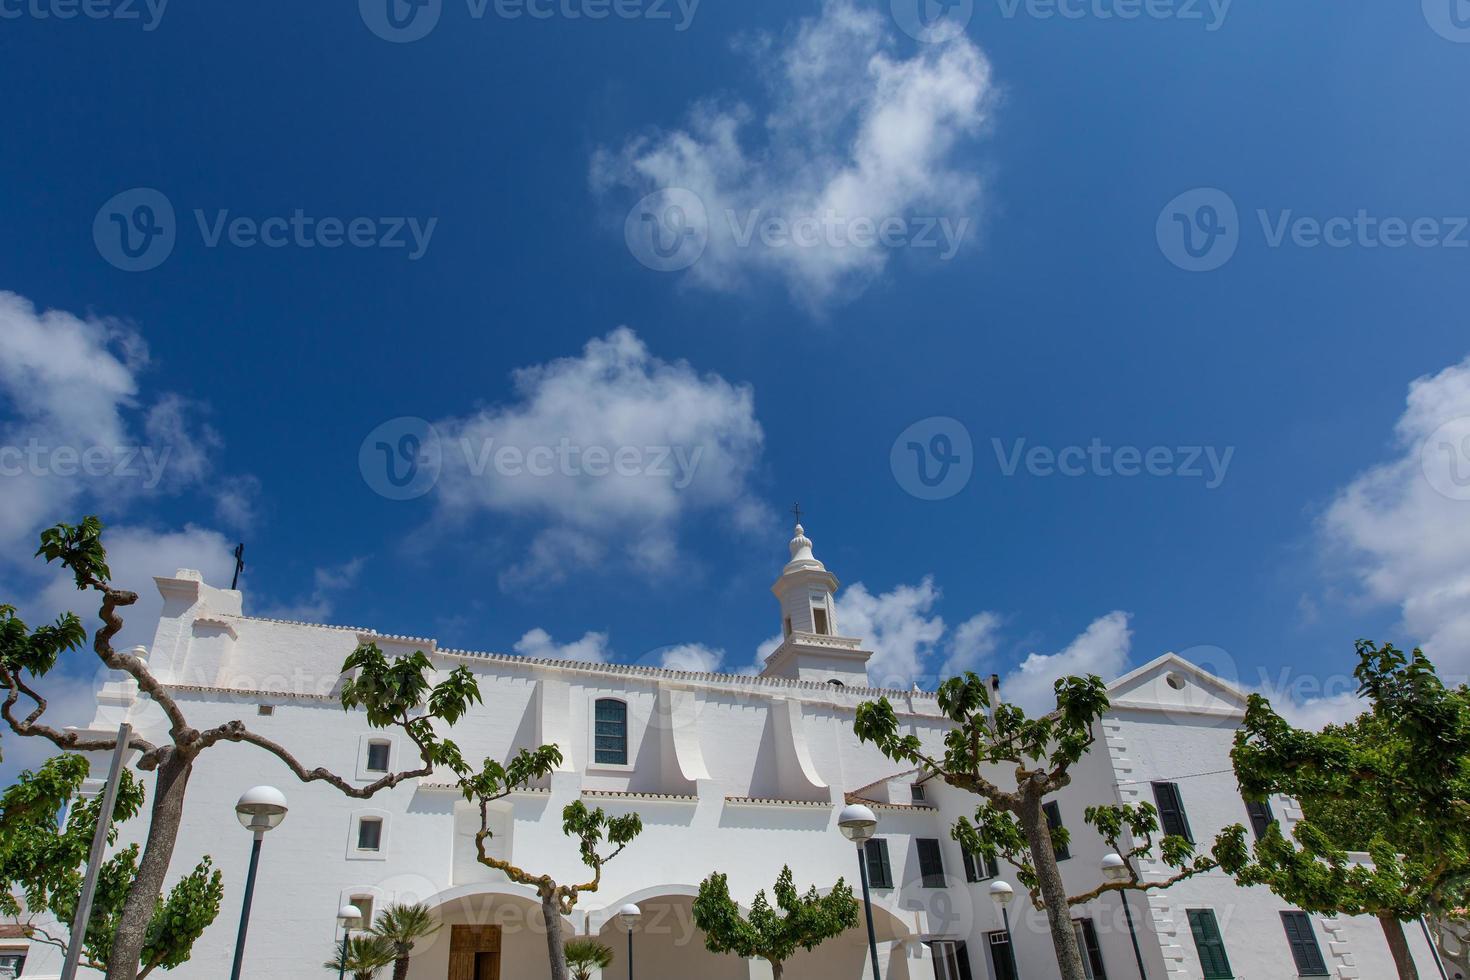 Minorque Sant Lluis église méditerranéenne blanche à Baléares photo